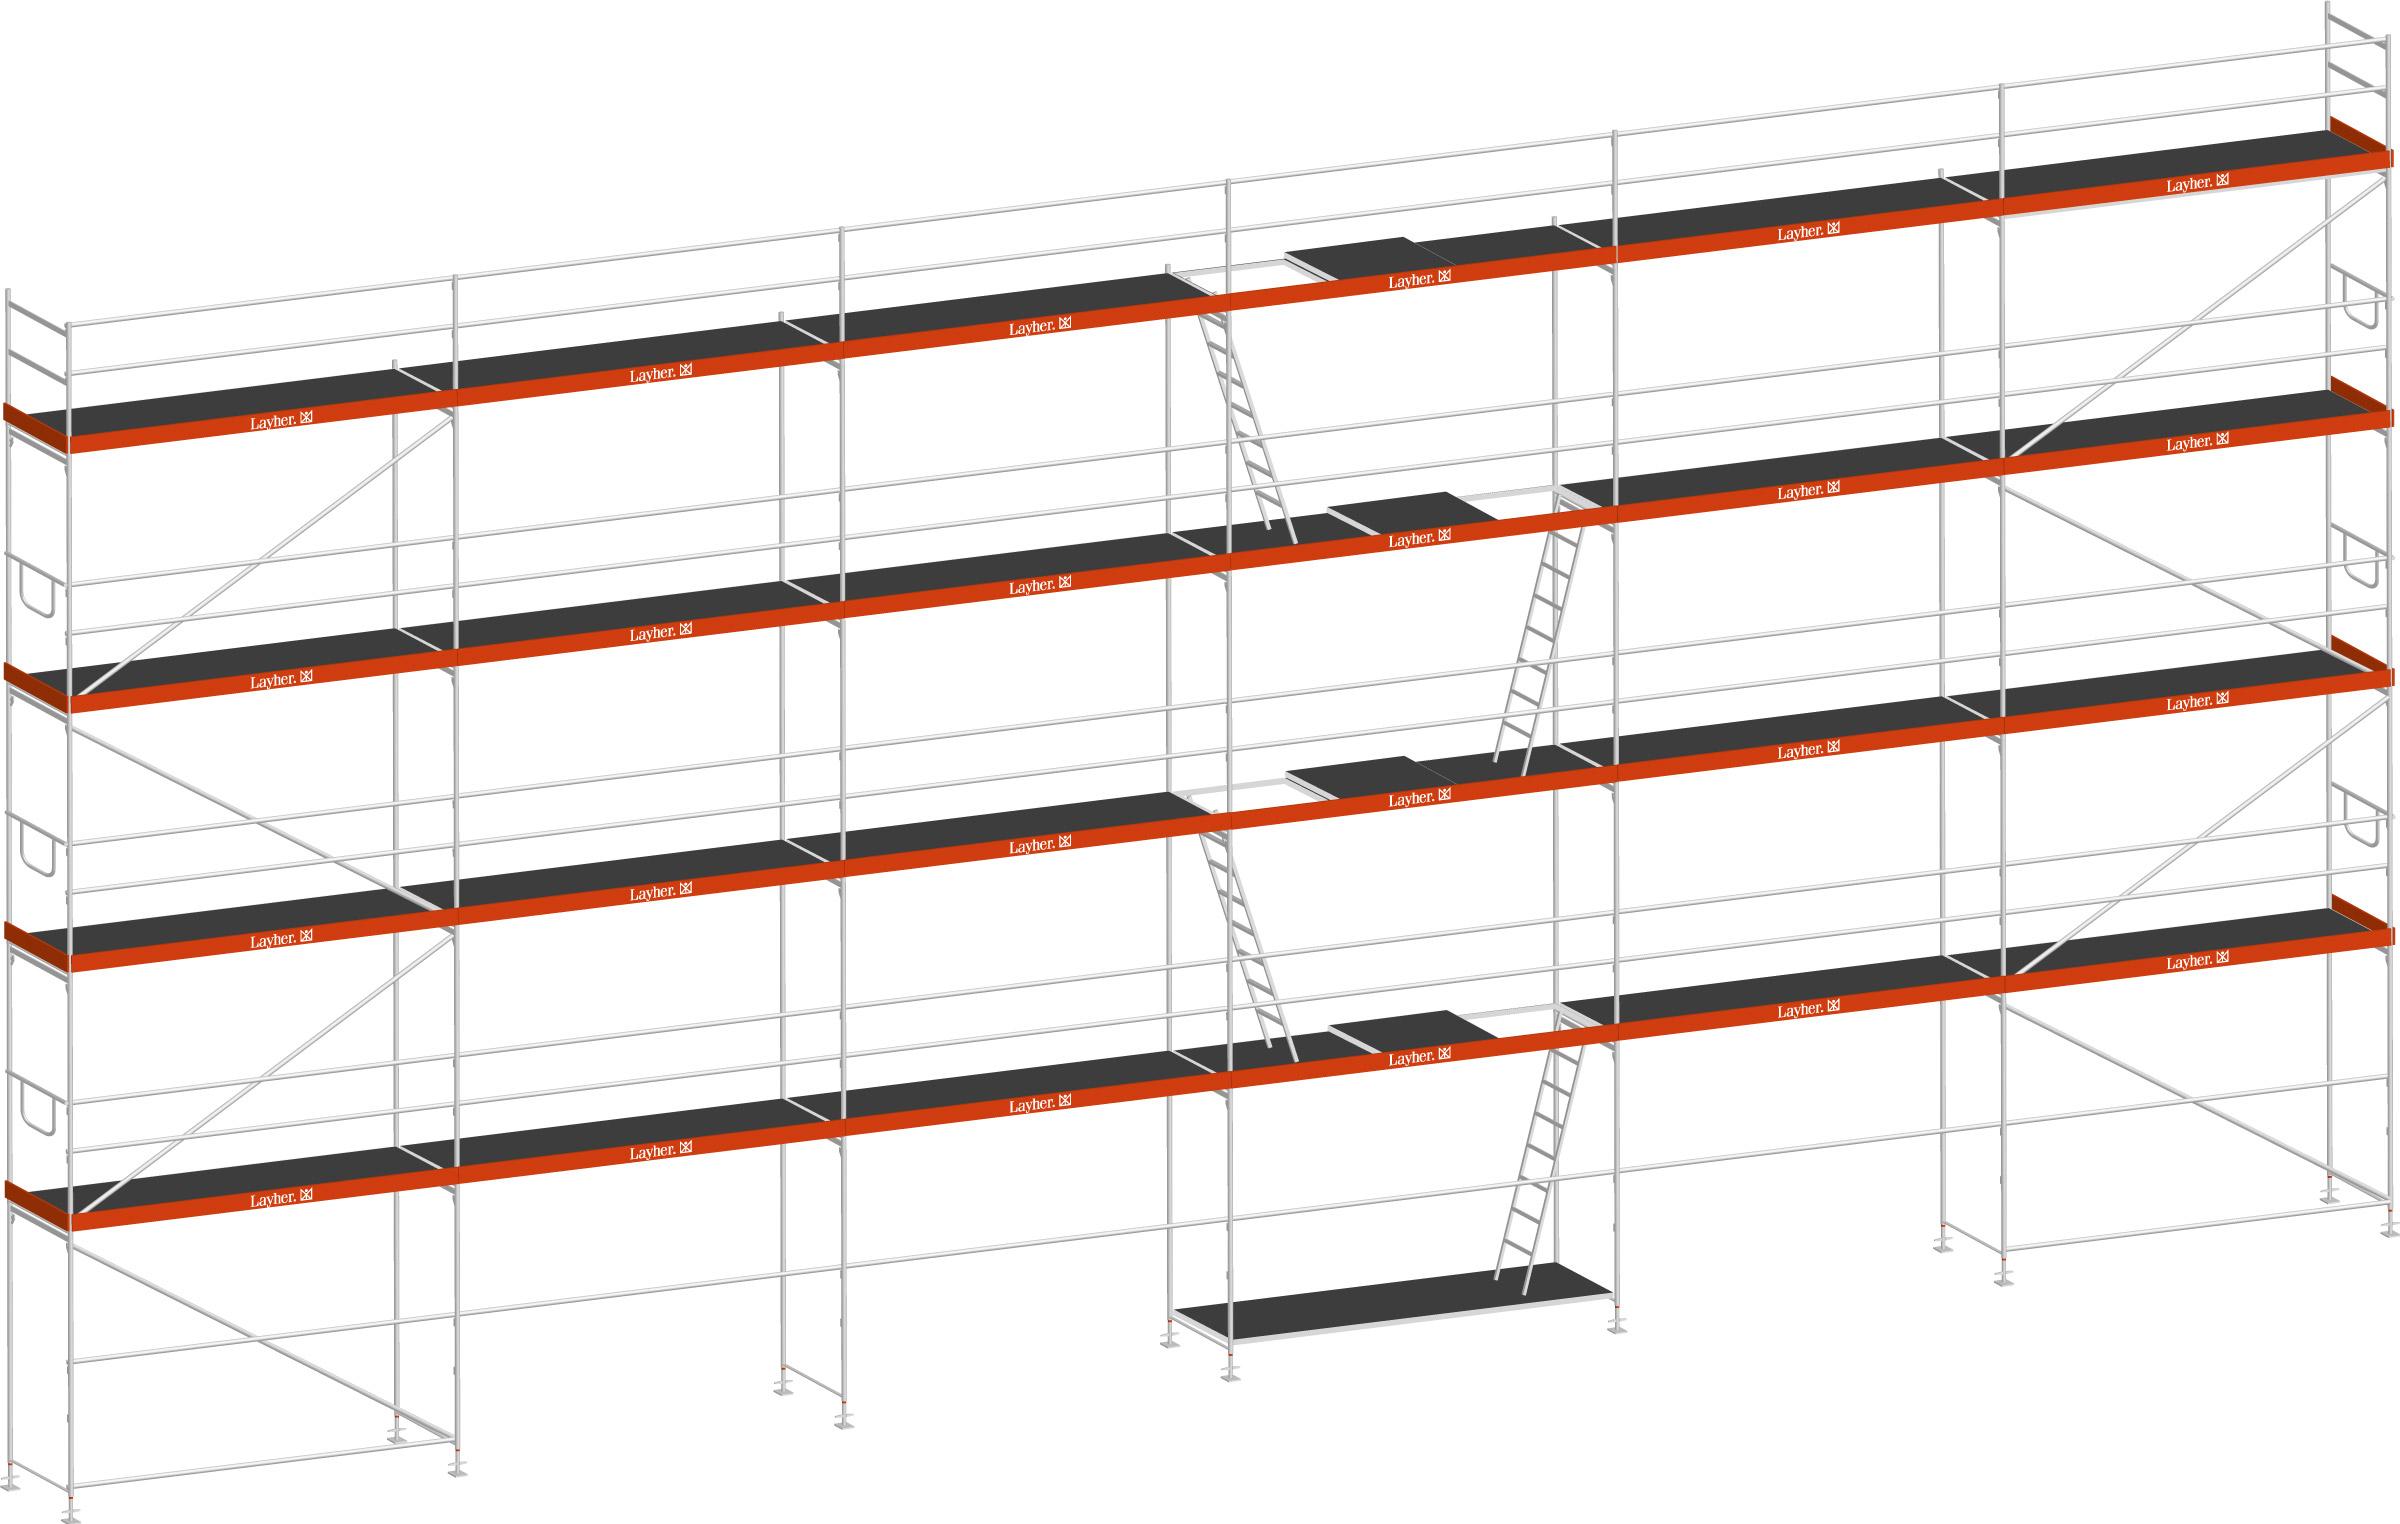 Layher Blitz Gerüst 70 Stahl 189 m²